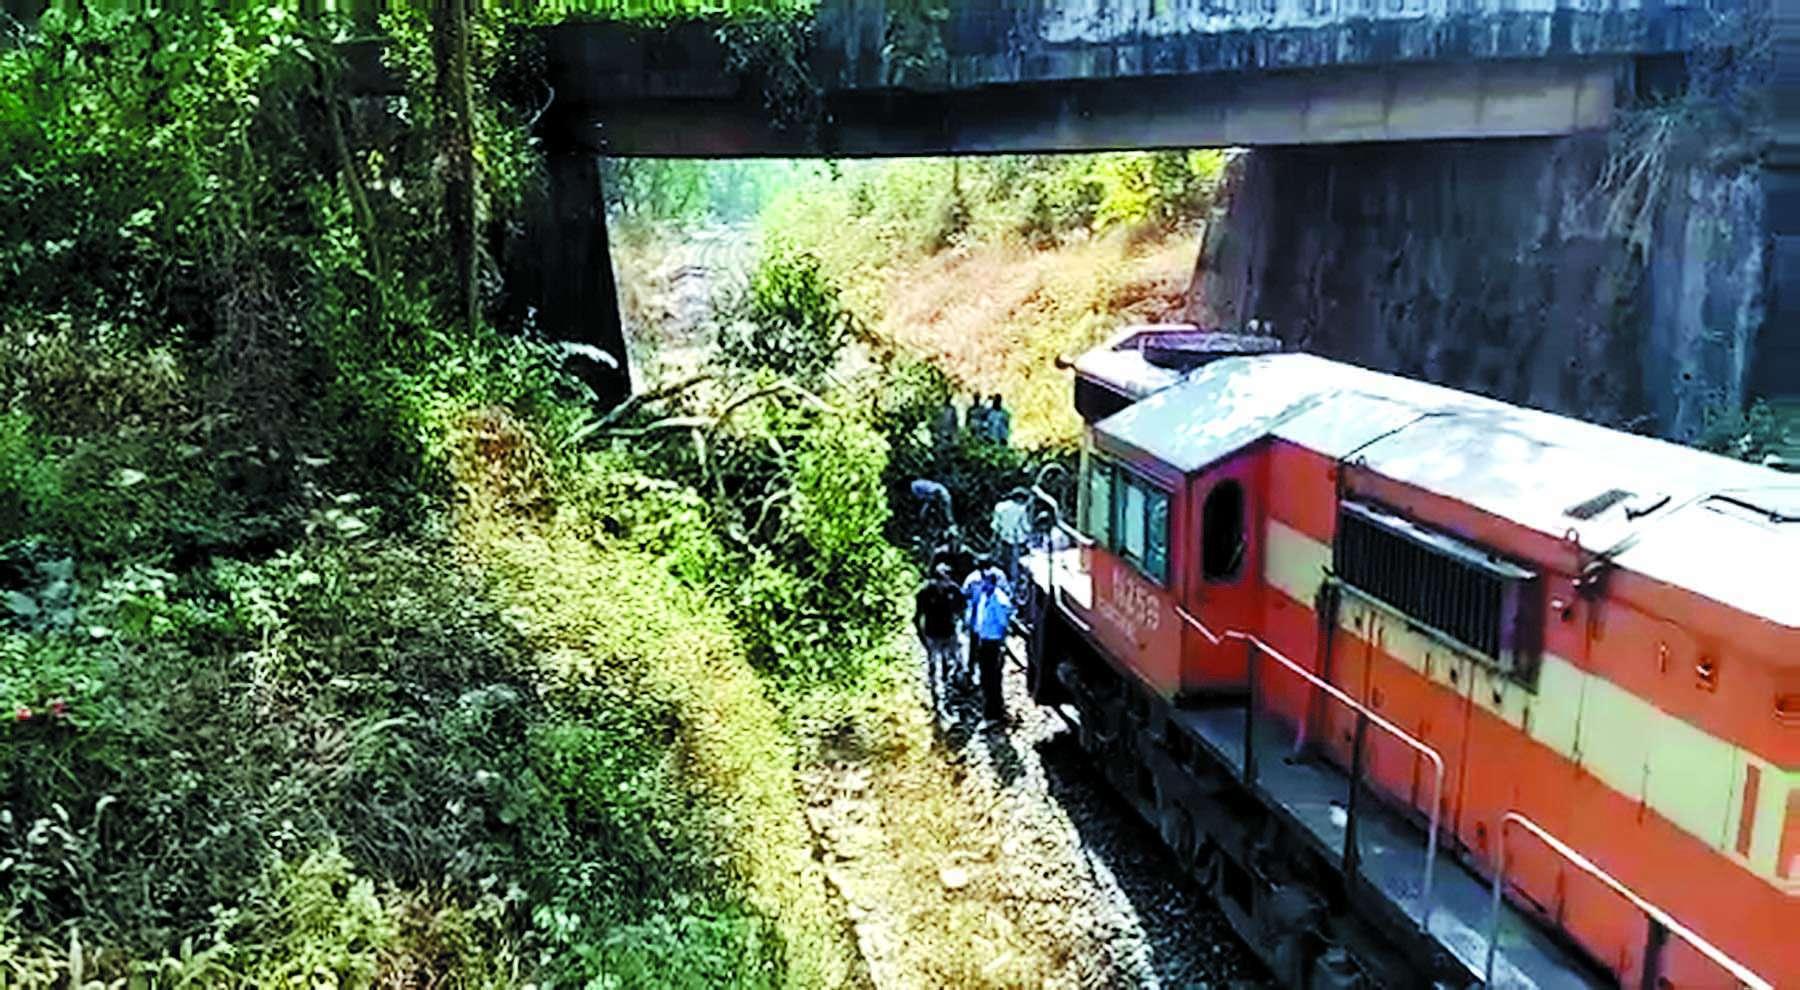 Big train accident escaped